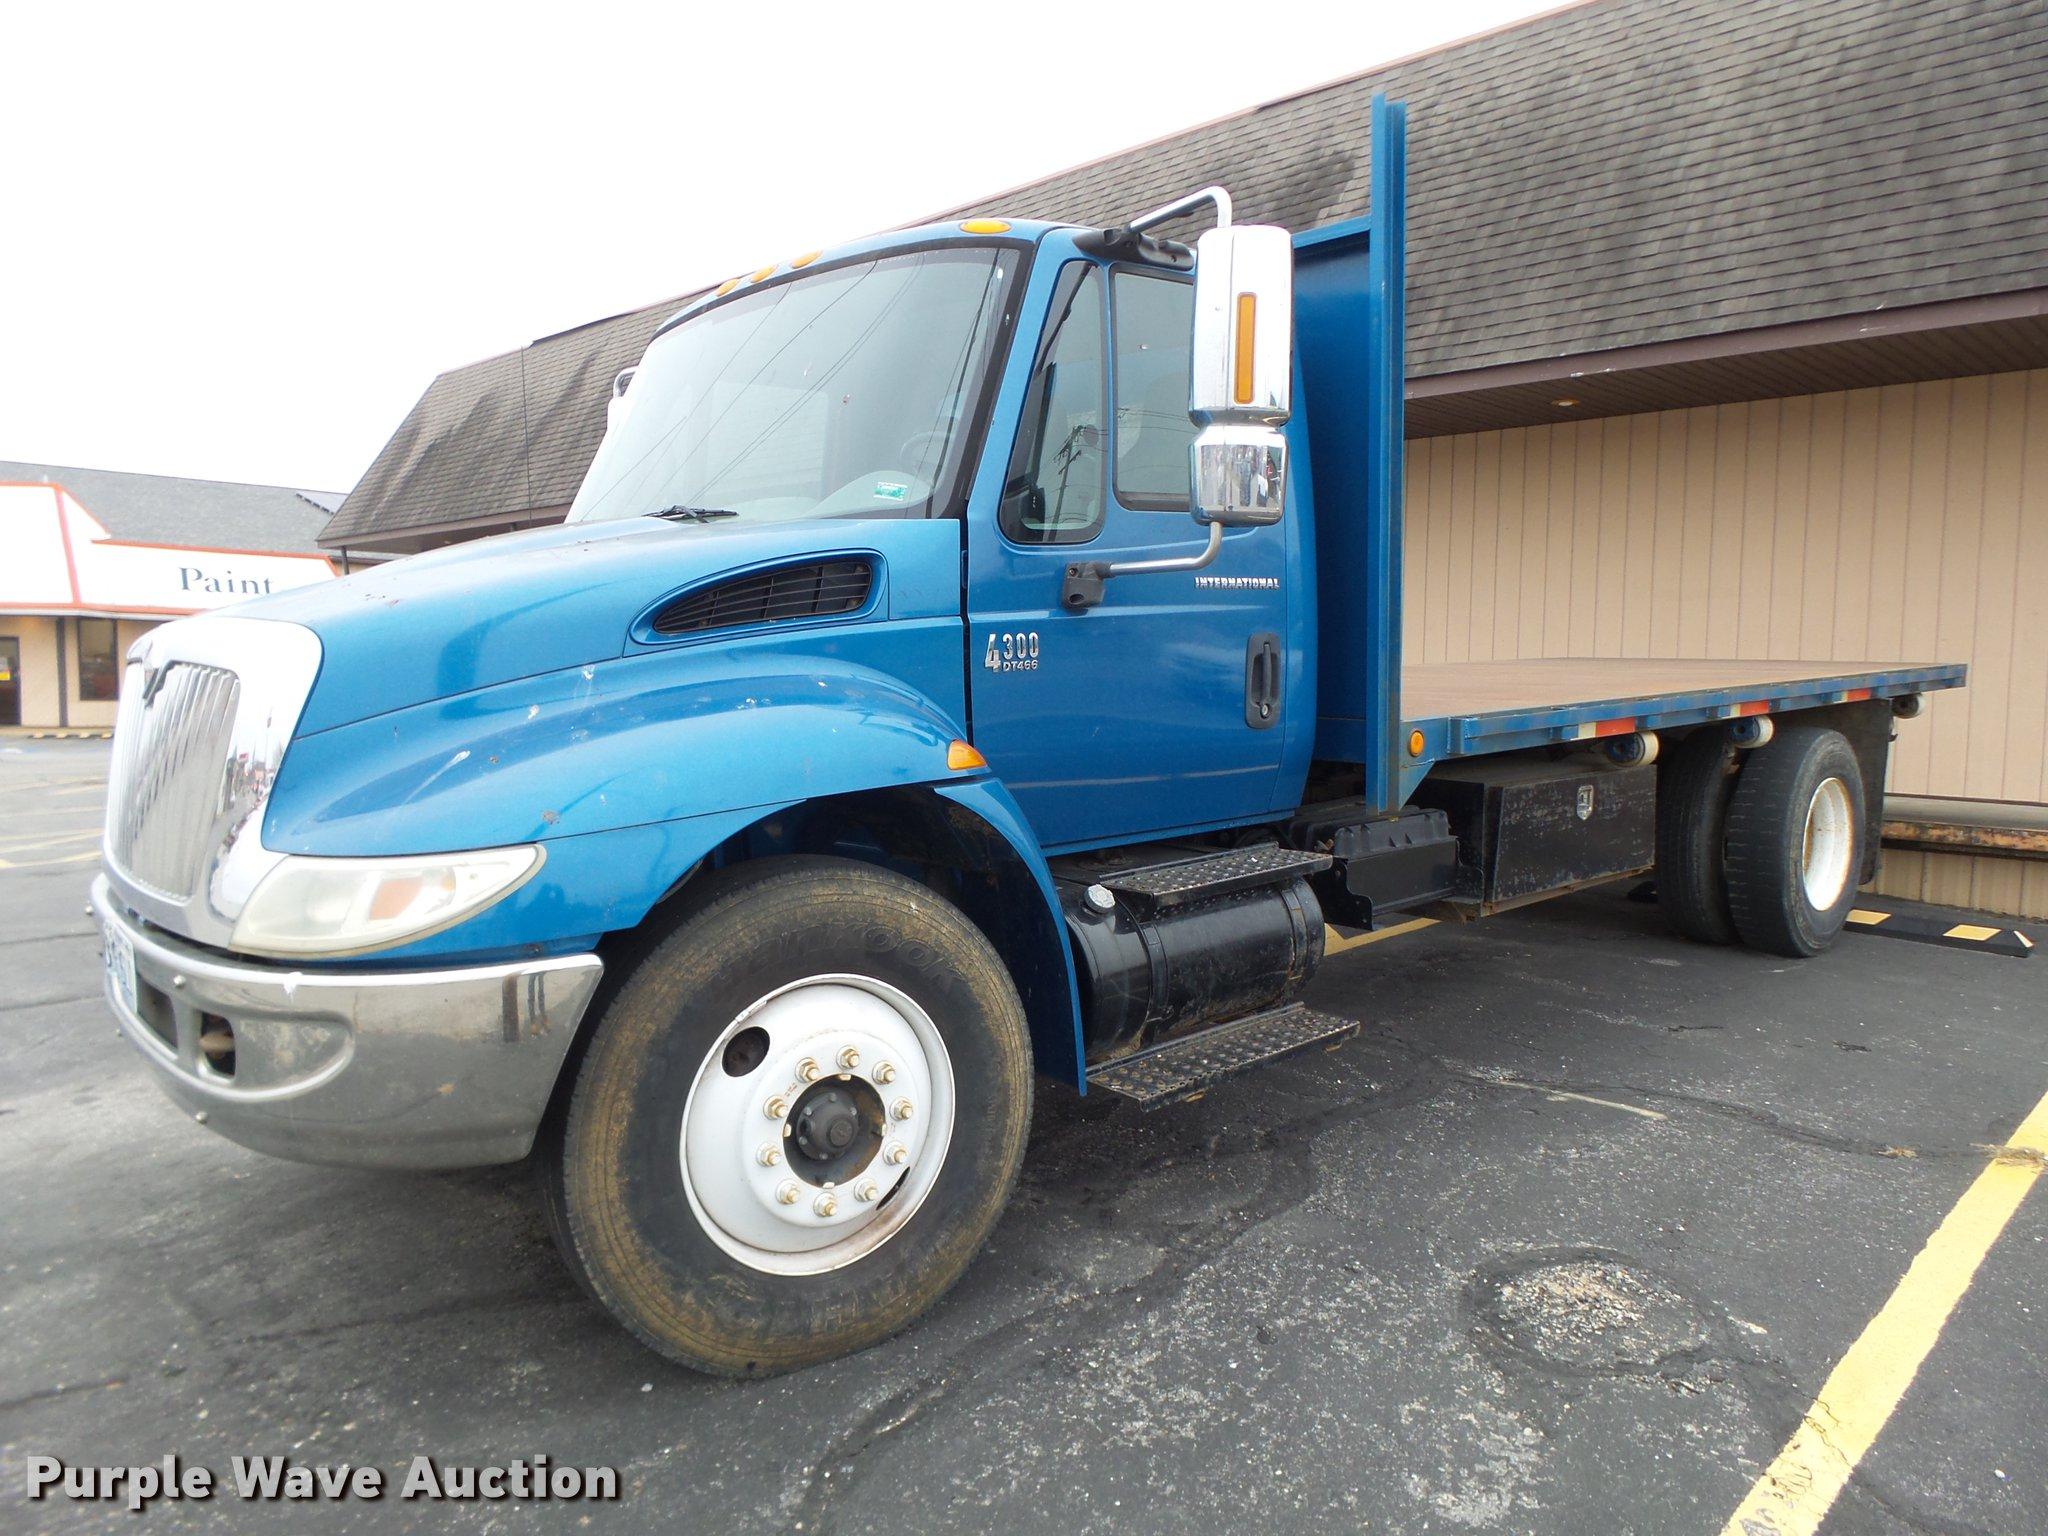 2002 International 4300 flat dump bed truck | Item DB9831 |